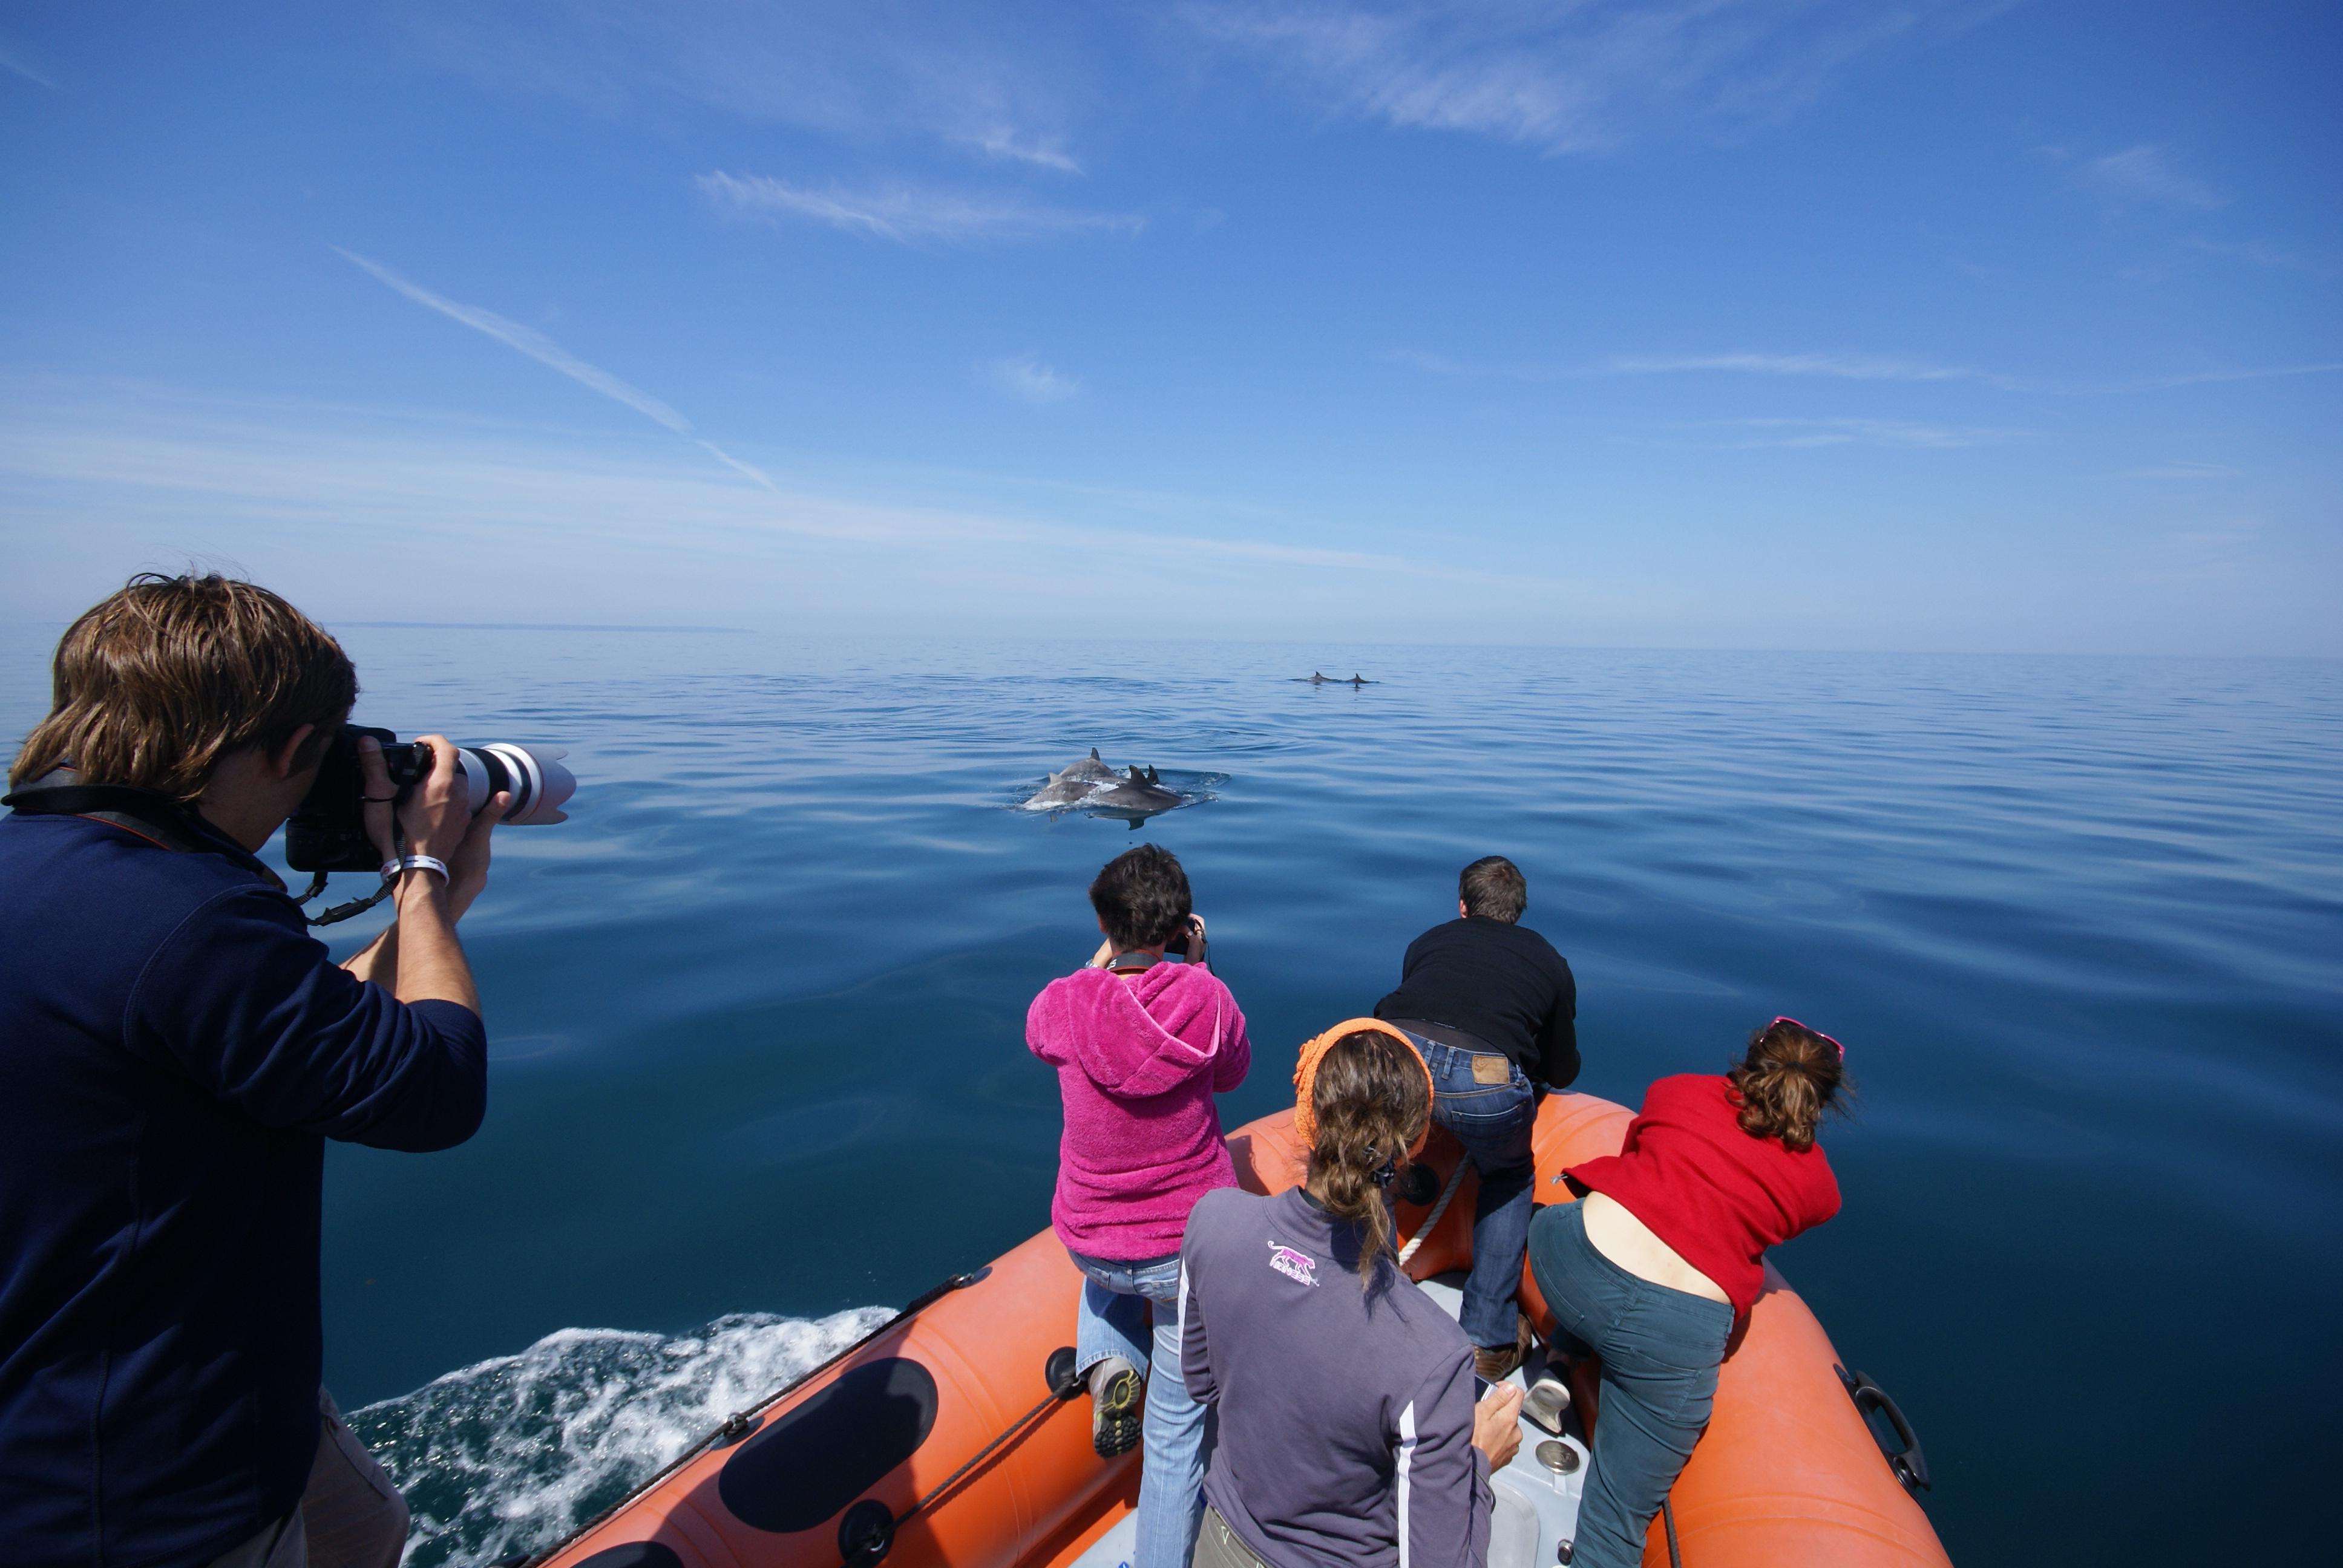 Les grands dauphins vus depuis le Bonaventure. Photo Florent Nicolas pour le GECC